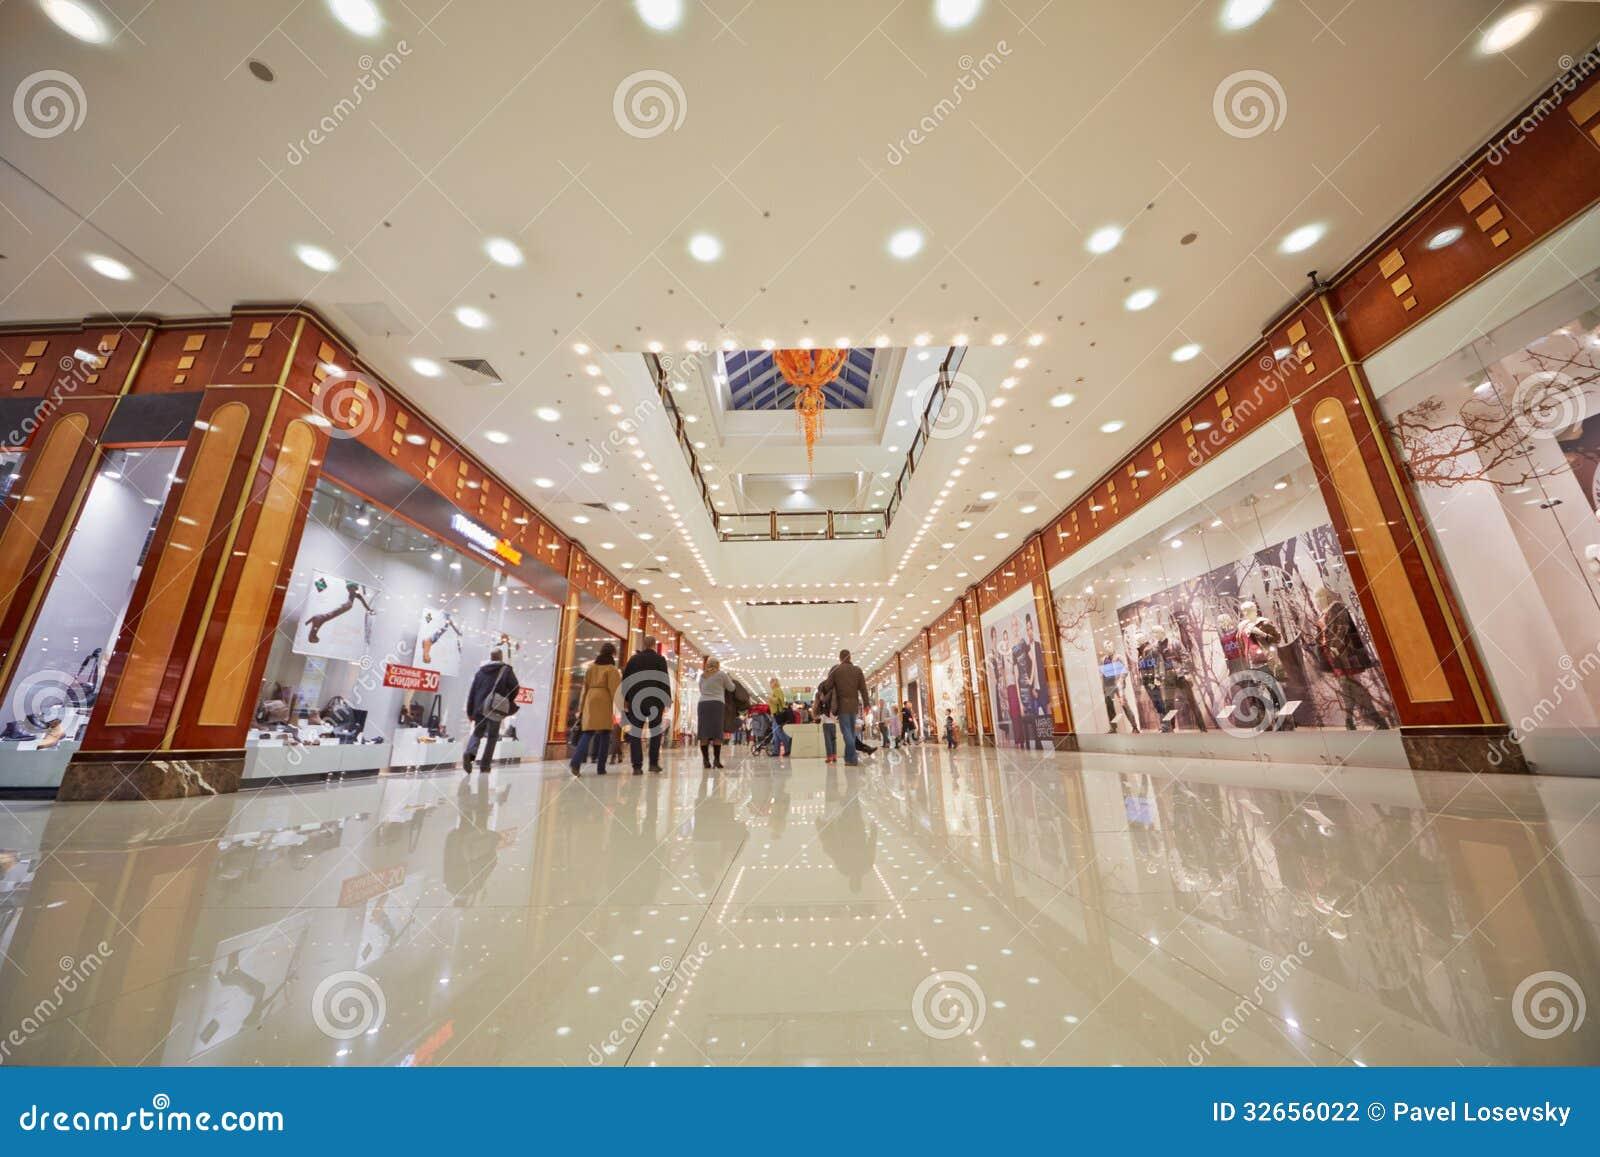 购物中心购物画廊的人们